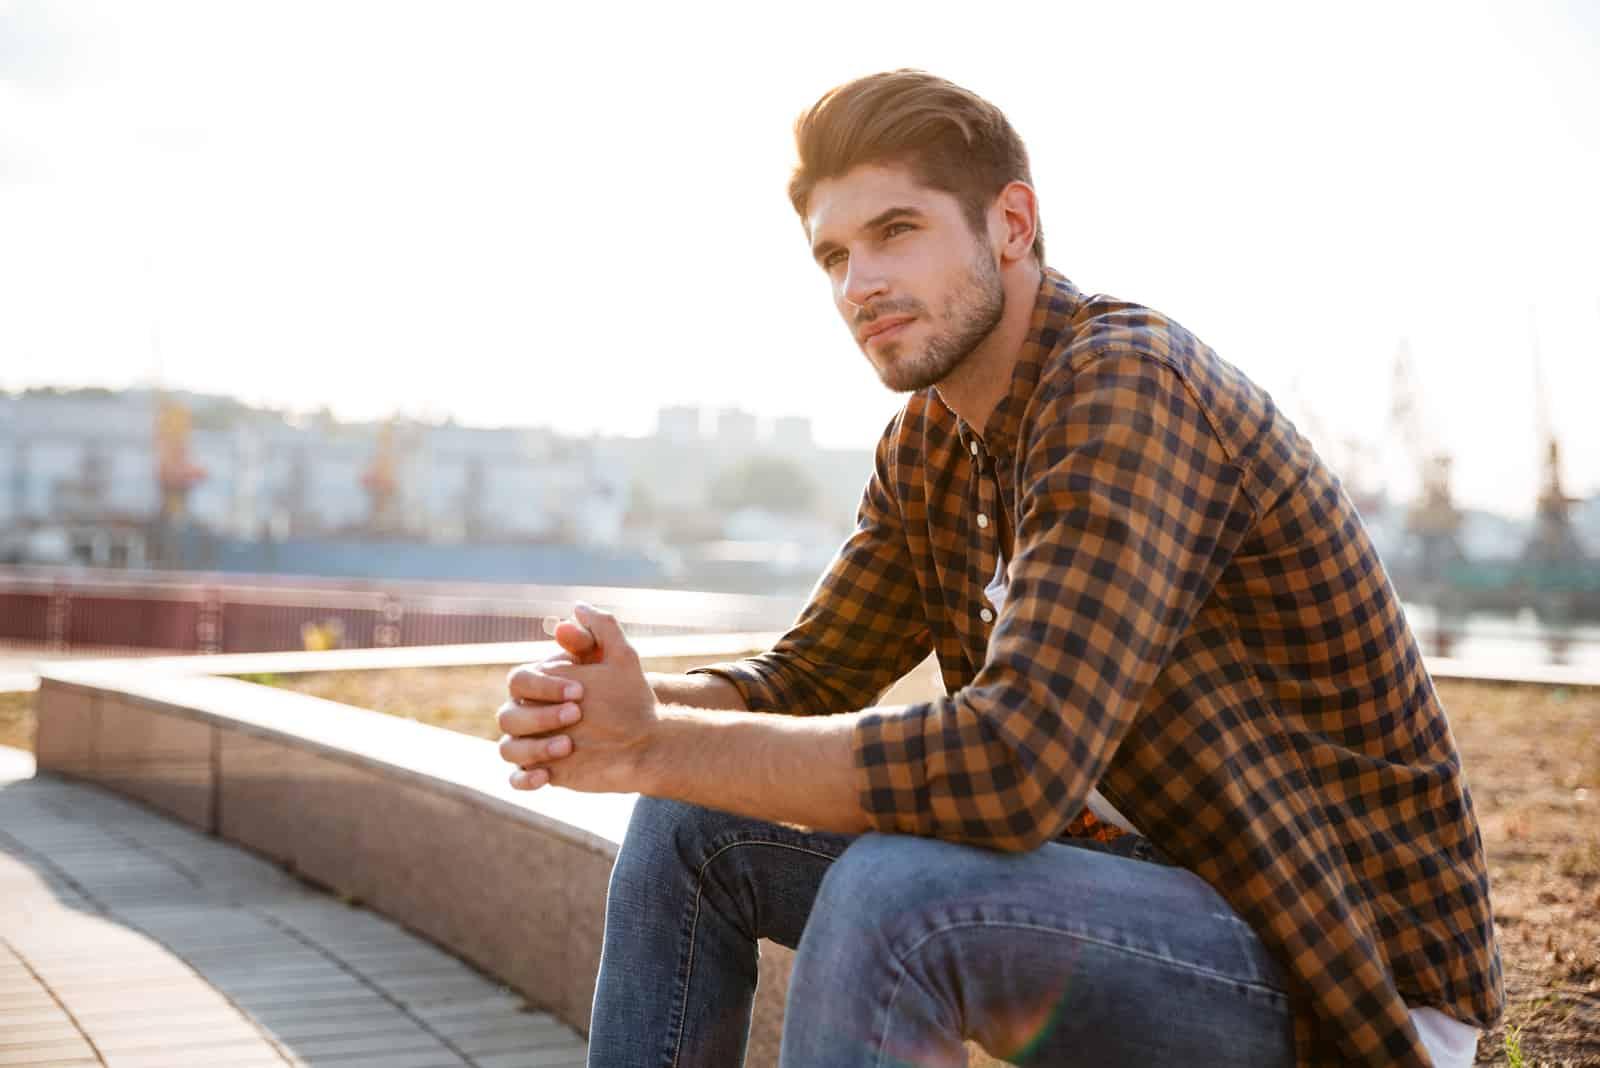 homme en chemise à carreaux réfléchissant tout en étant assis à l'extérieur